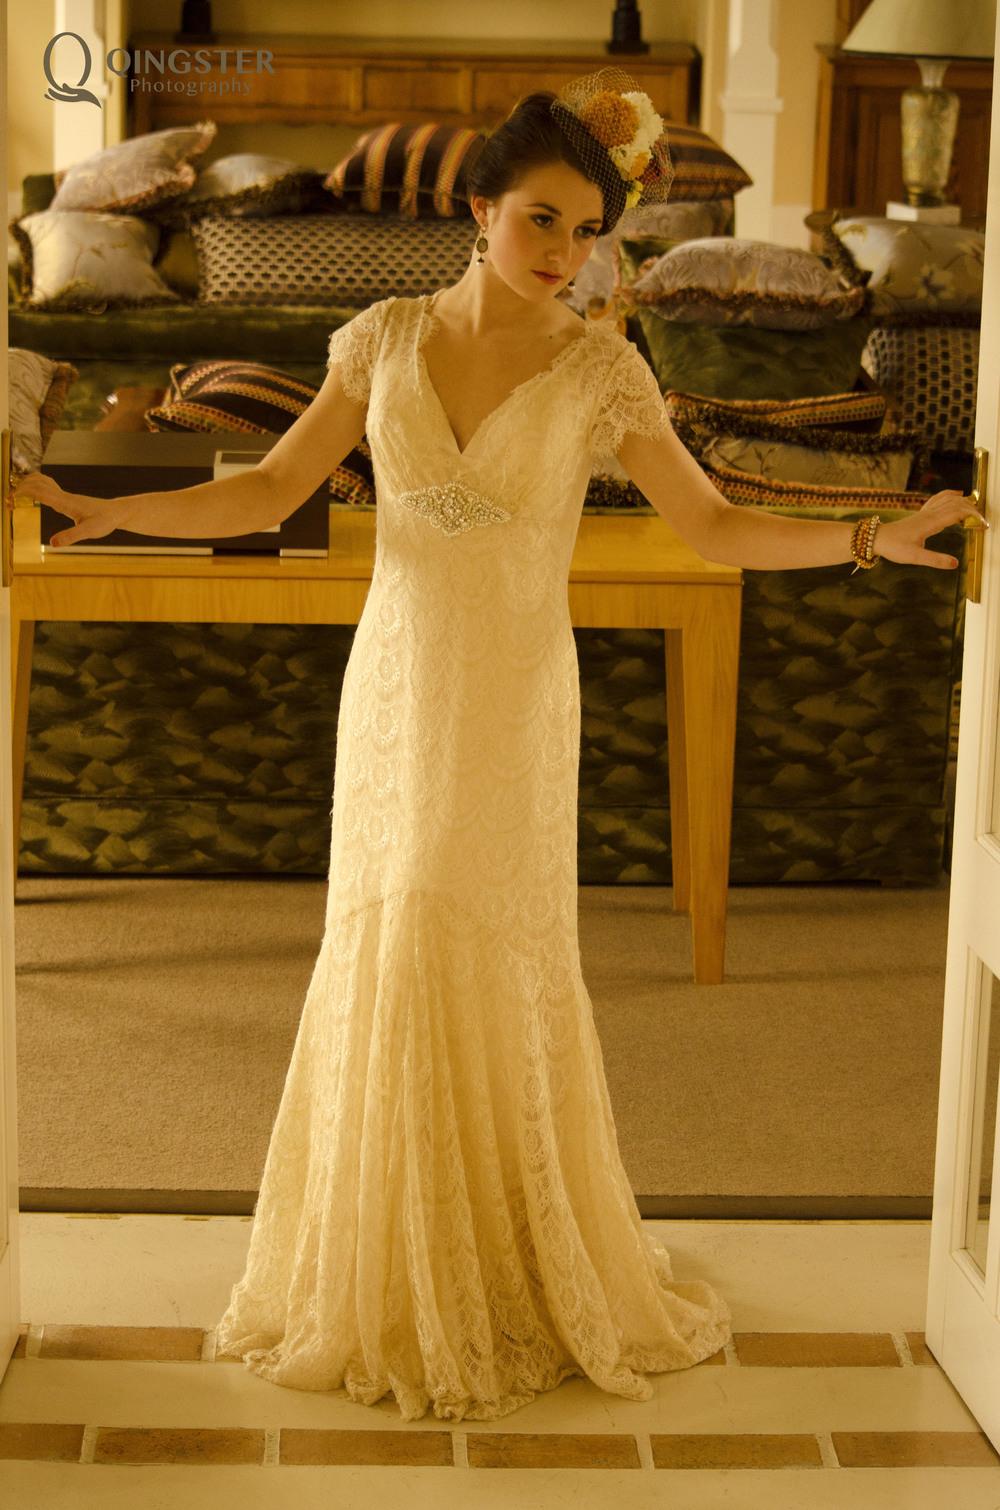 在  Edwardian  年代的房间中,印度与日本式样的丝绸家纺也比比皆是。。。